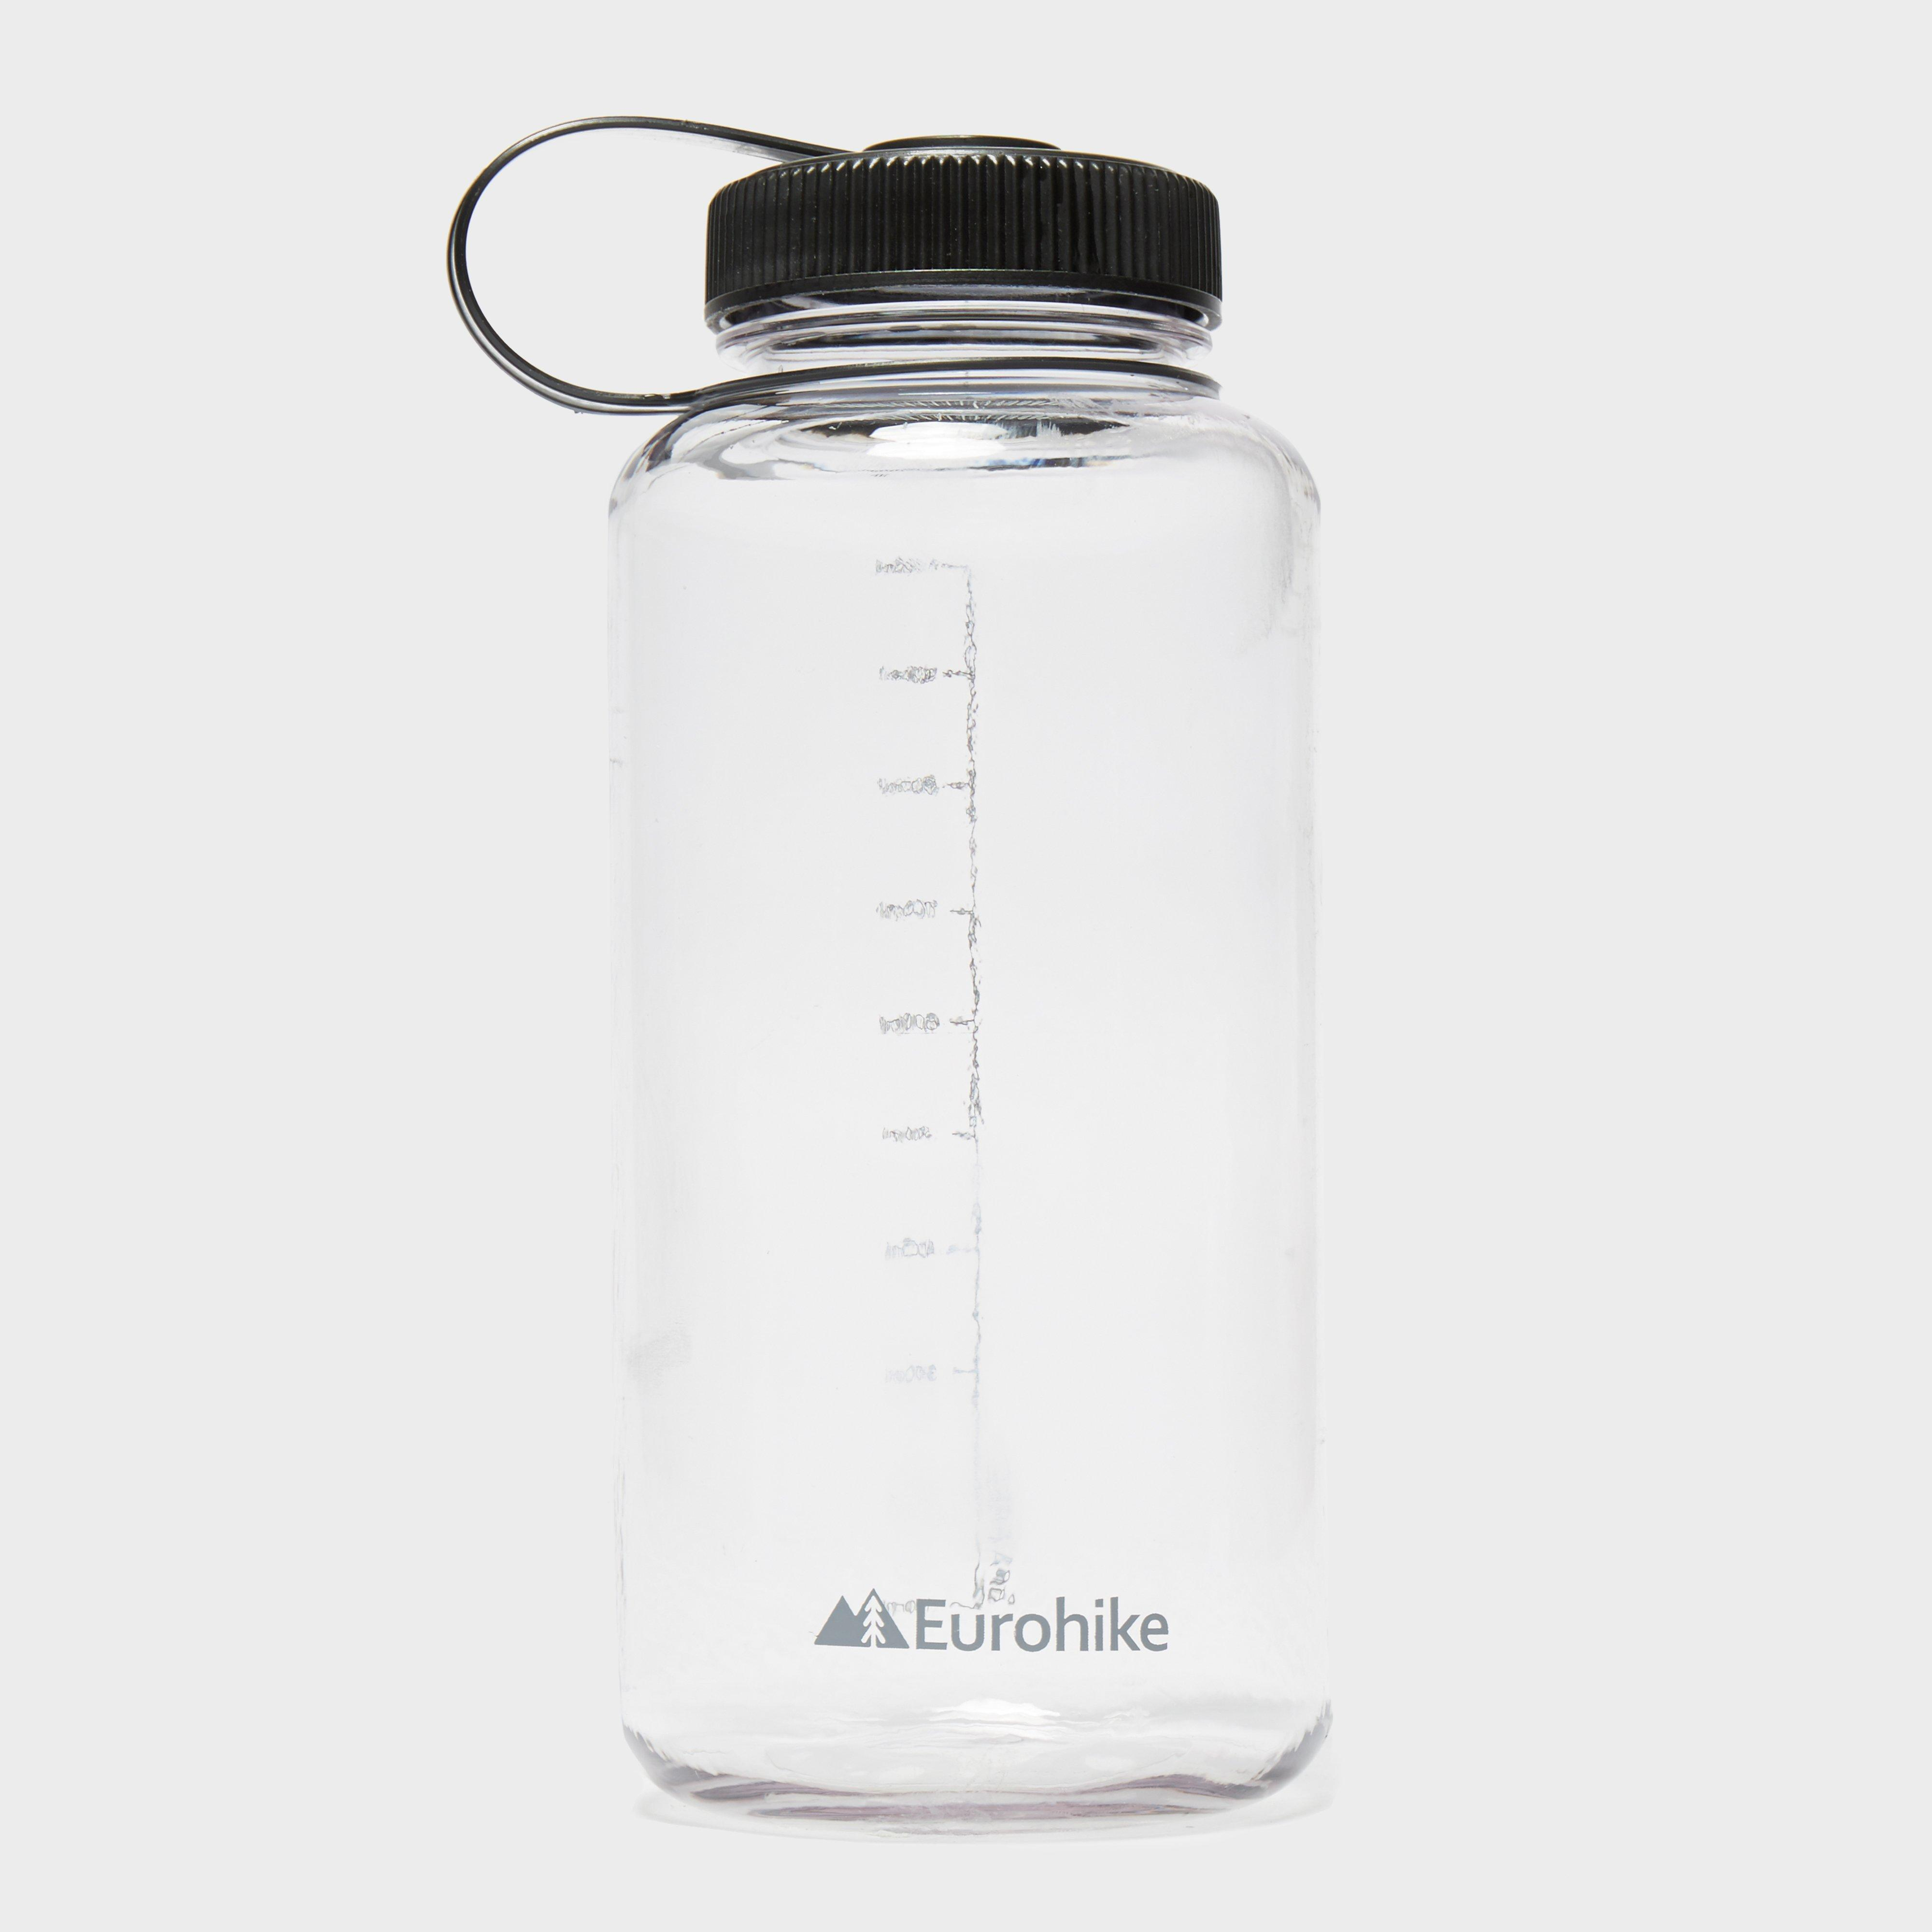 Eurohike Widemouth 1 Litre Bottle, Clear/CLR